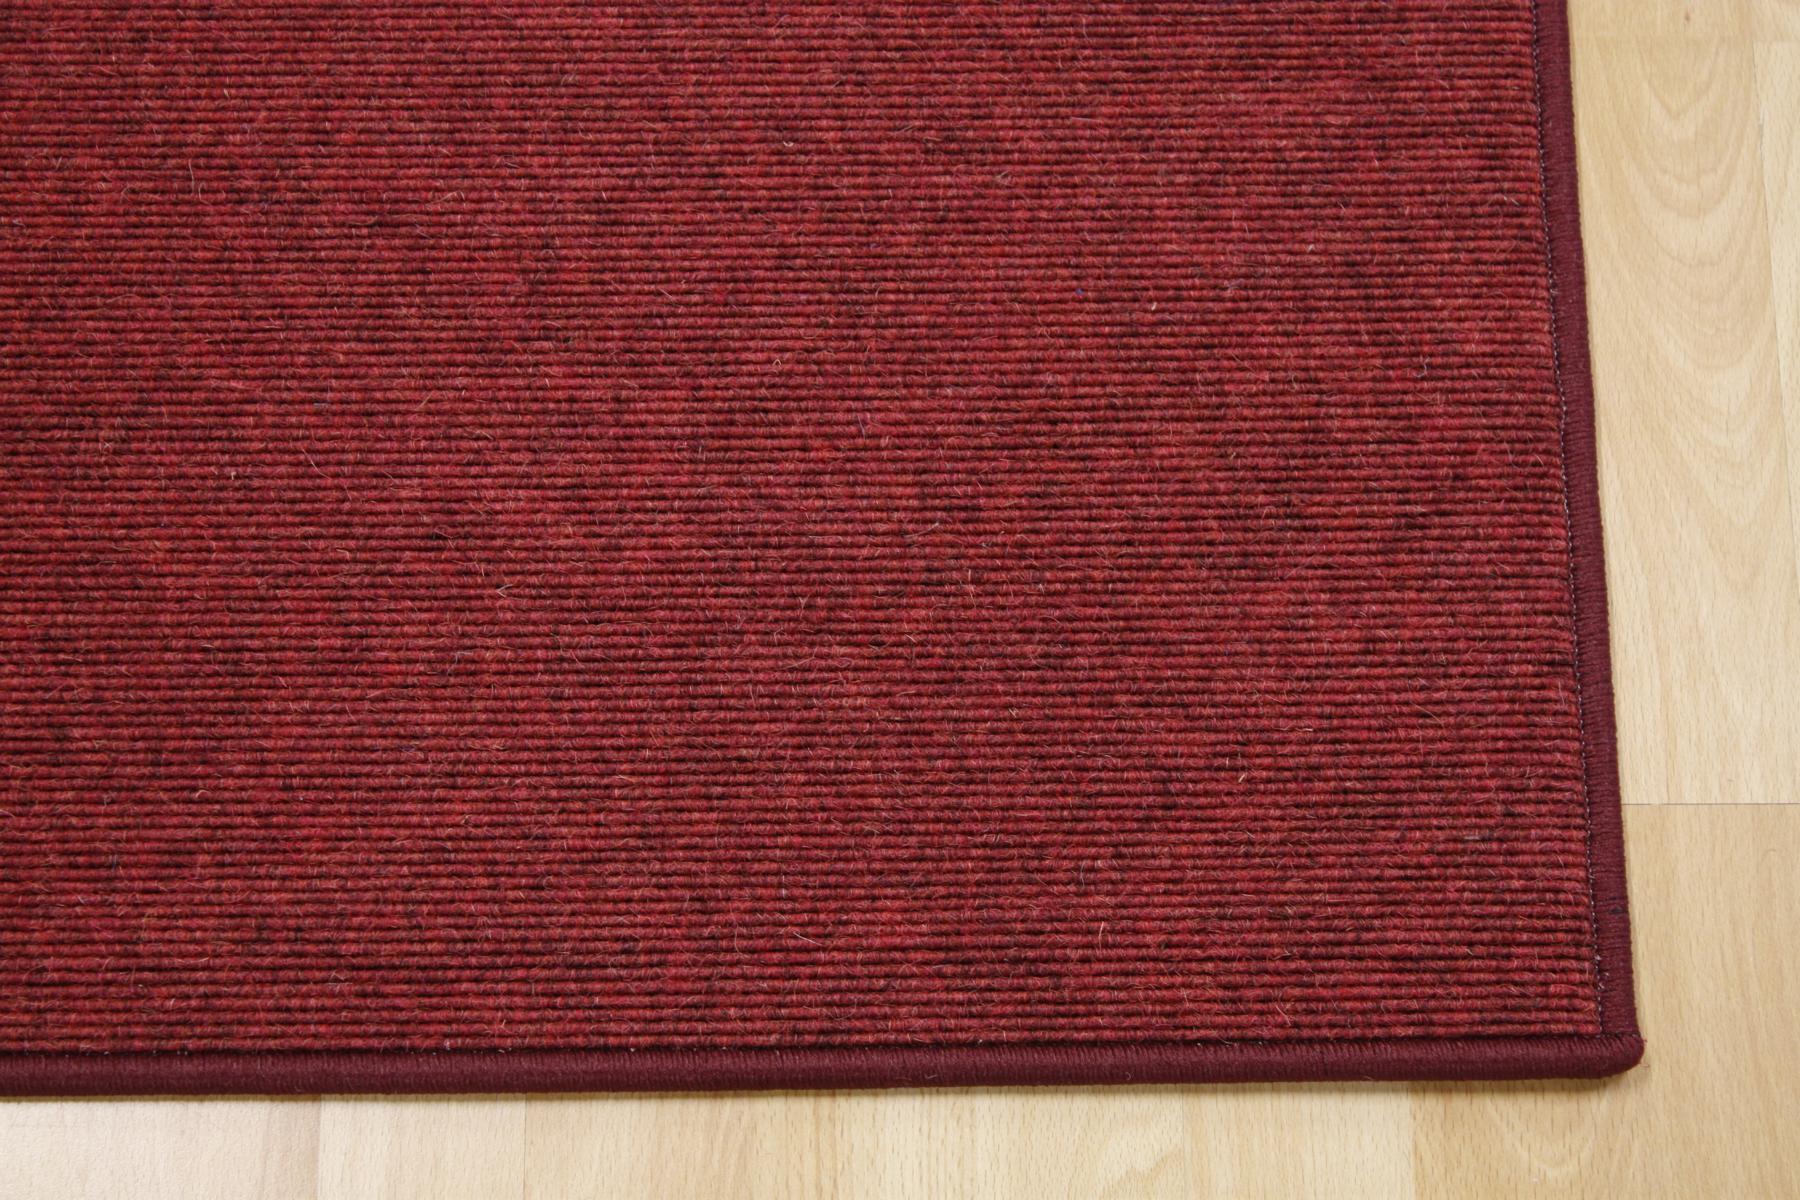 Teppich Tretford 524 umkettelt 150 x 200 cm Ziegenhaar